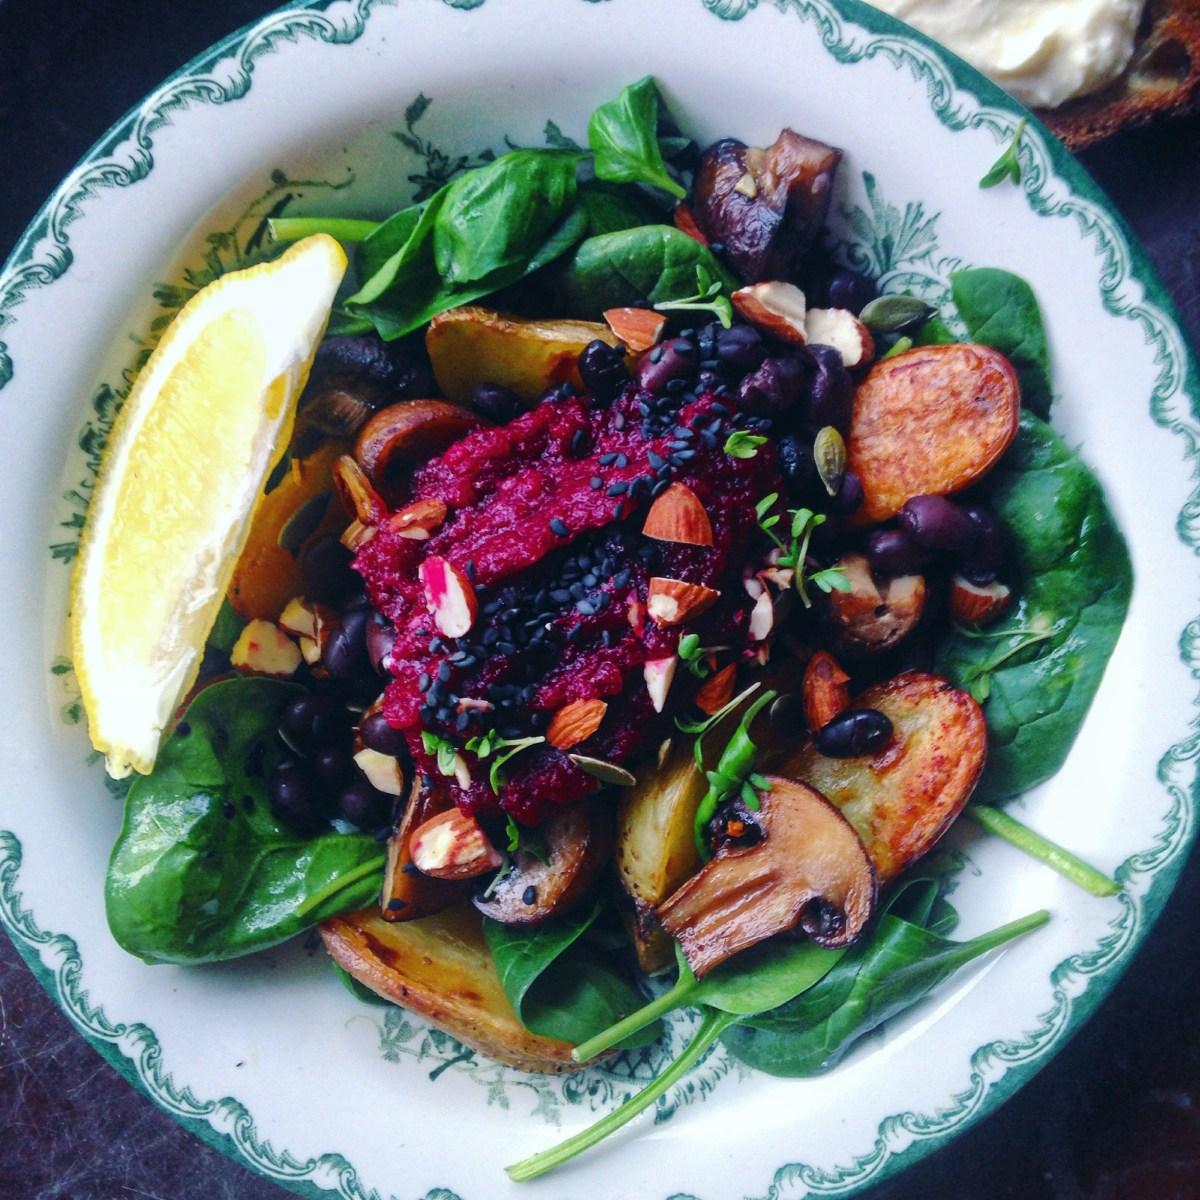 Matig vegansk sallad med rostad potatis, vitlöksstekt svamp, rödbeta, mandel, svarta bönor och citrondressad spenatsallad